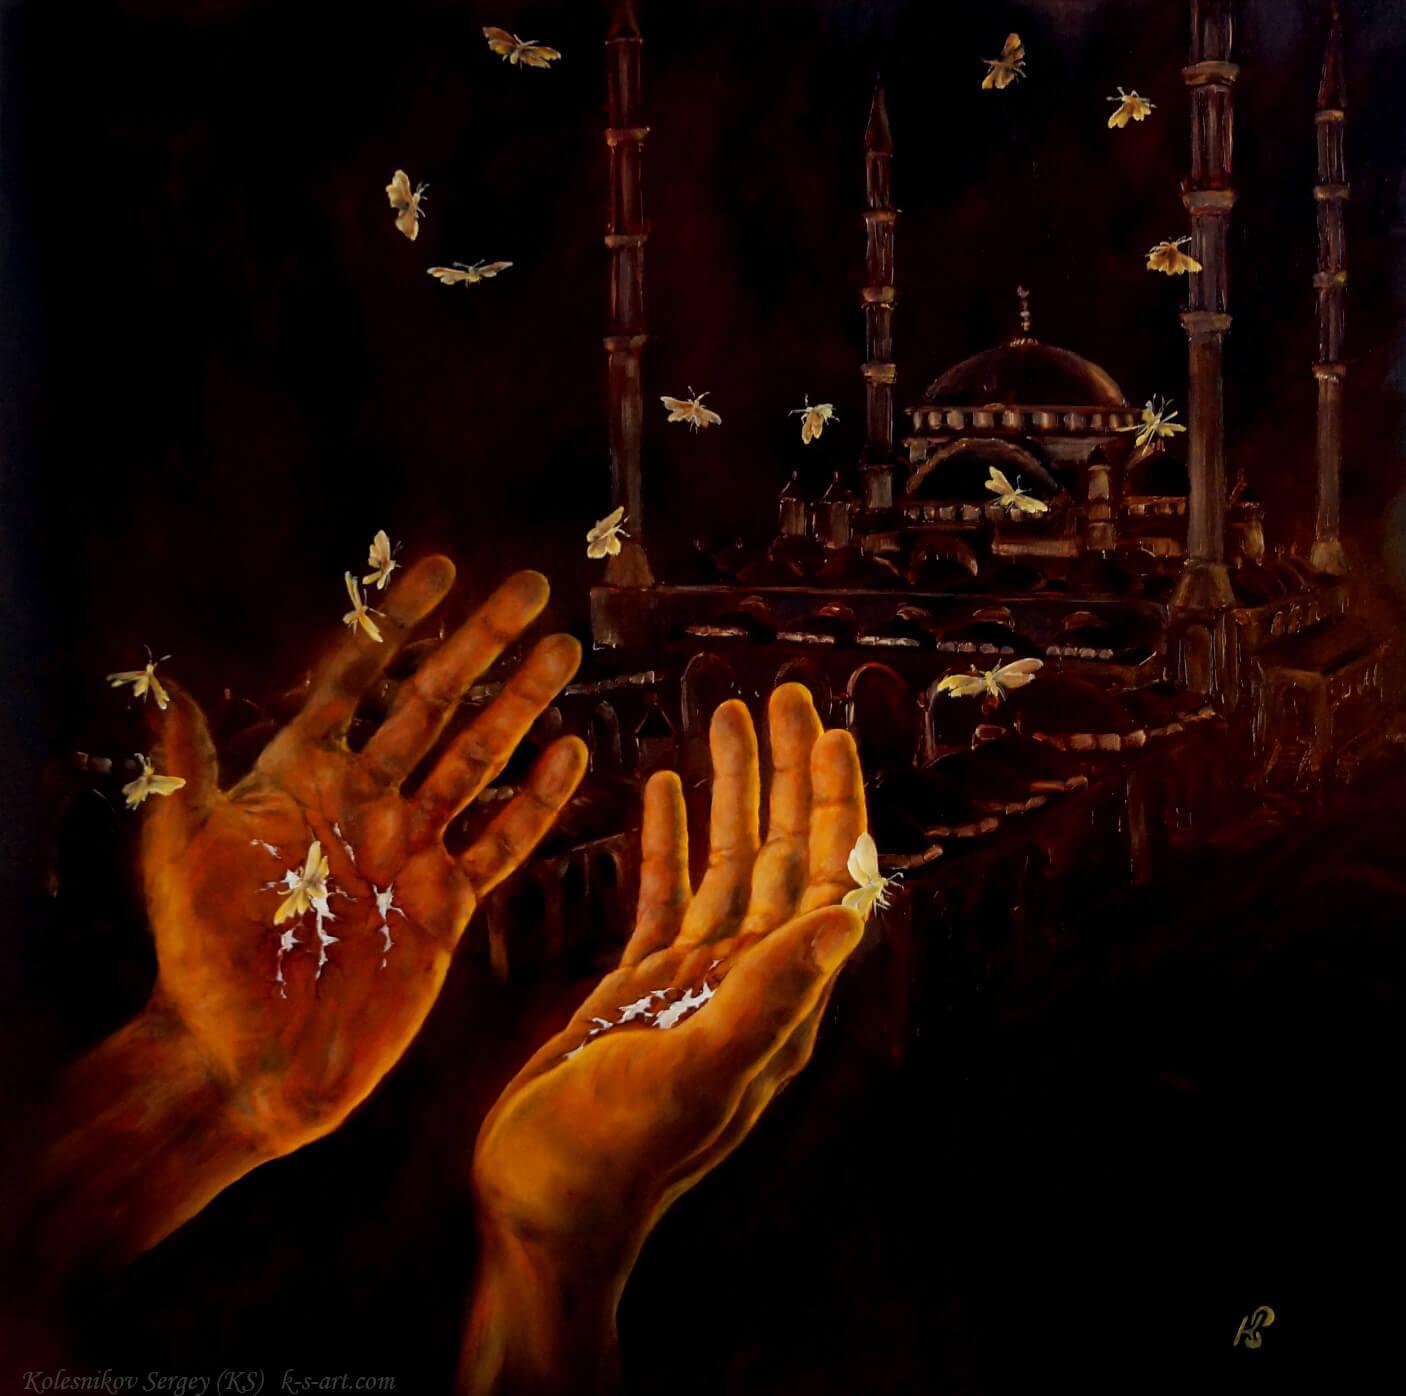 Из серии – ОЧИЩЕНИЕ (Ислам) - картина, автор Сергей Колесников (KS), холст (лён, мелкое зерно), масло, 2015 год. Живопись, авторский стиль - интегральный реализм.